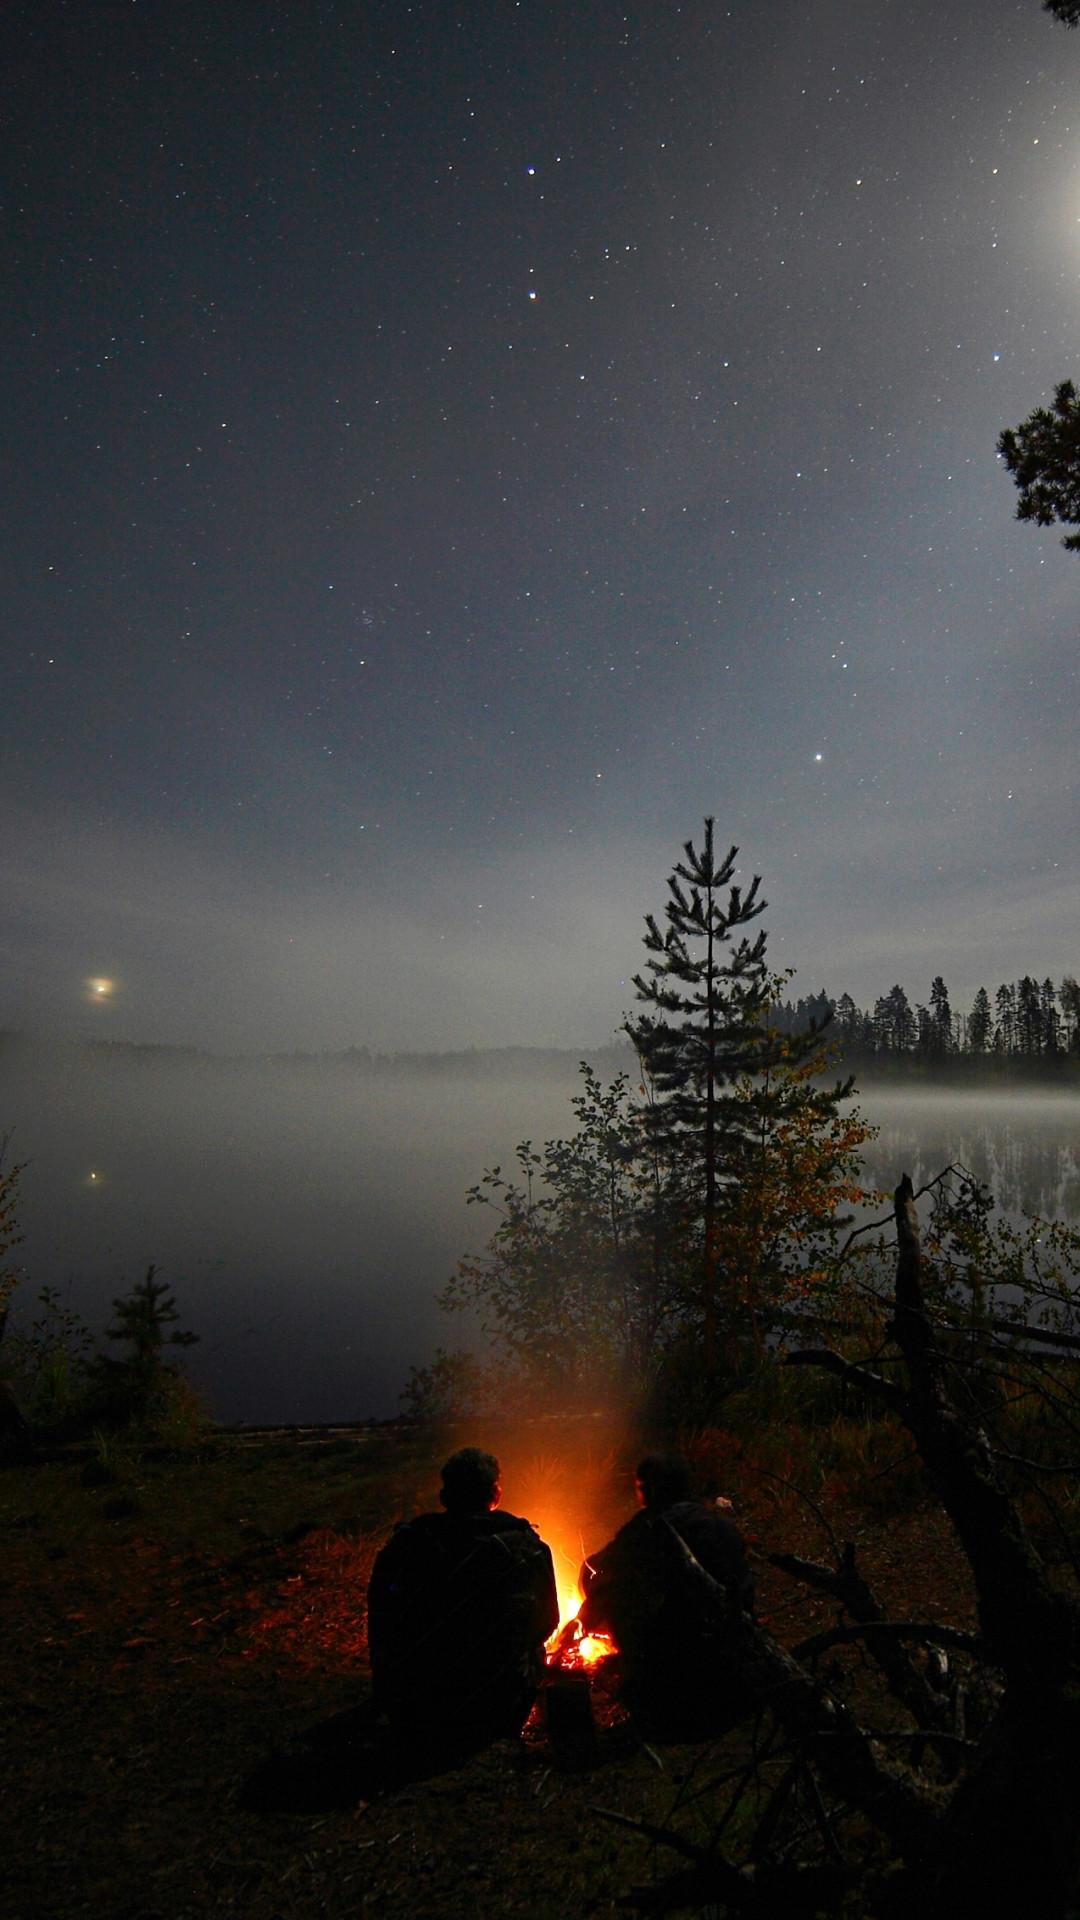 Hình nền bầu trời đêm cho điện thoại